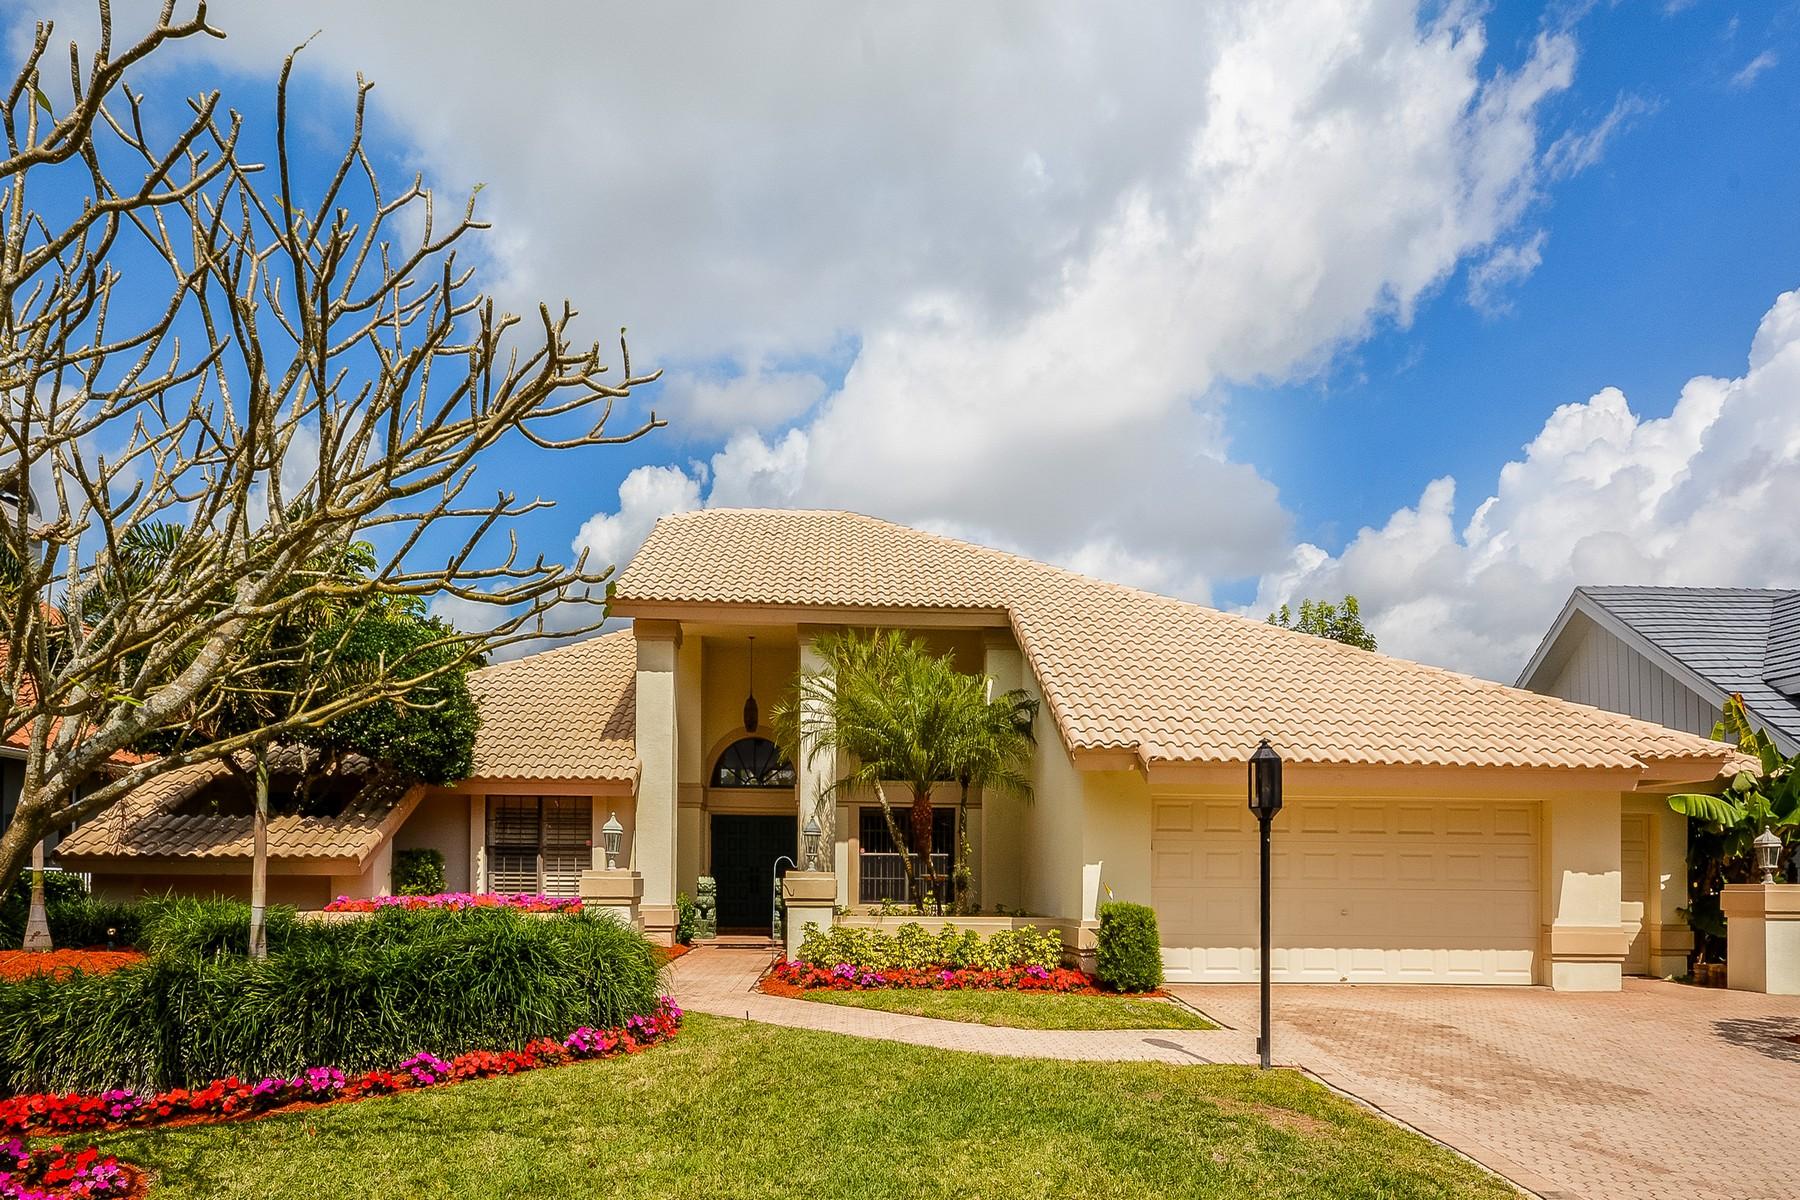 獨棟家庭住宅 為 出售 在 7081 Valencia Dr , Boca Raton, FL 33433 7081 Valencia Dr Boca Raton, 佛羅里達州 33433 美國